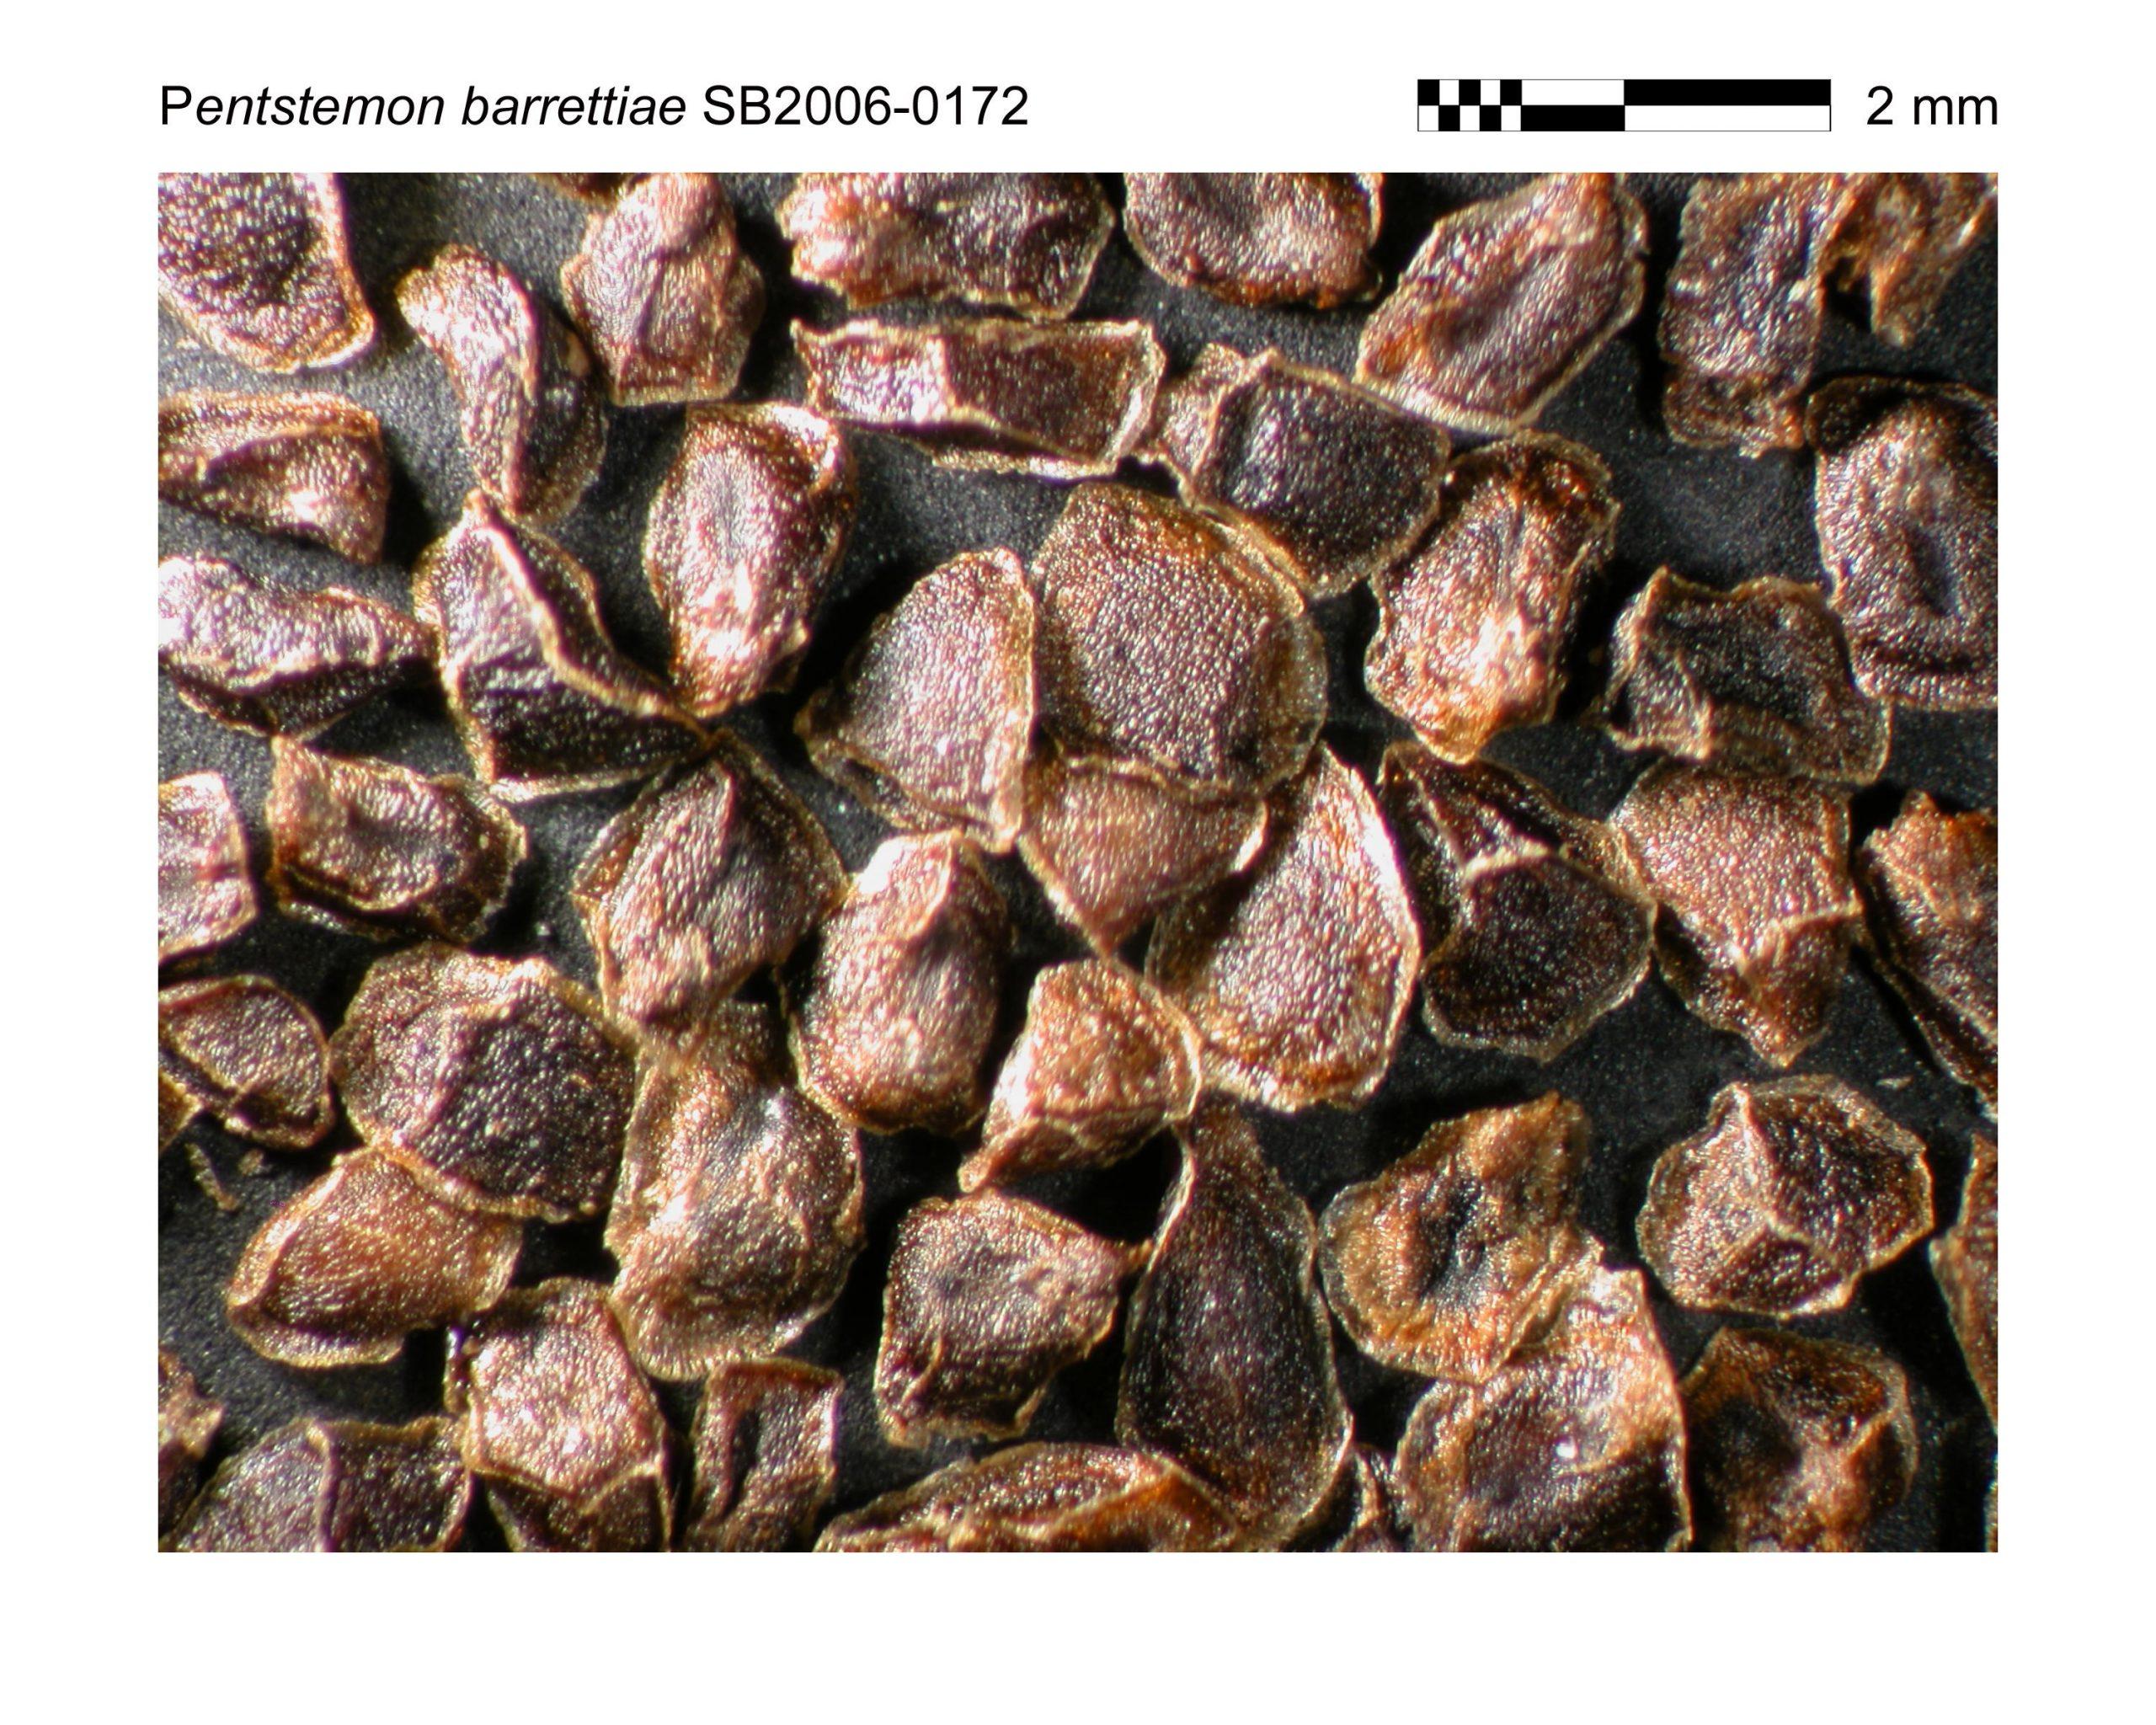 Penstemon barrettiae seeds